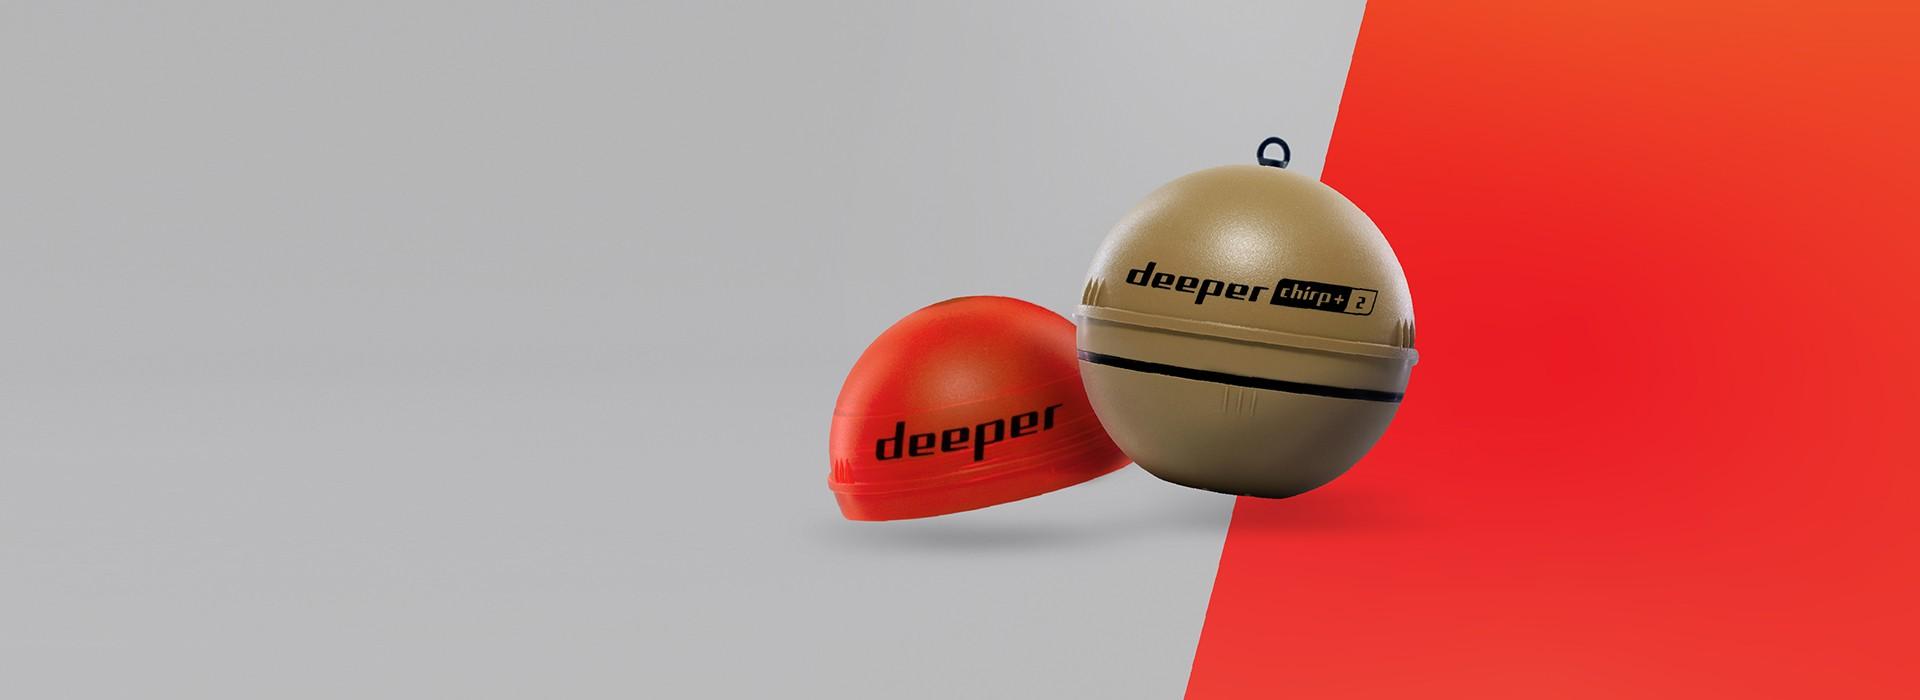 Säg hej till nya Deeper CHIRP+ 2! Det kraftfullaste ekolodet vi gjort. Hittills.